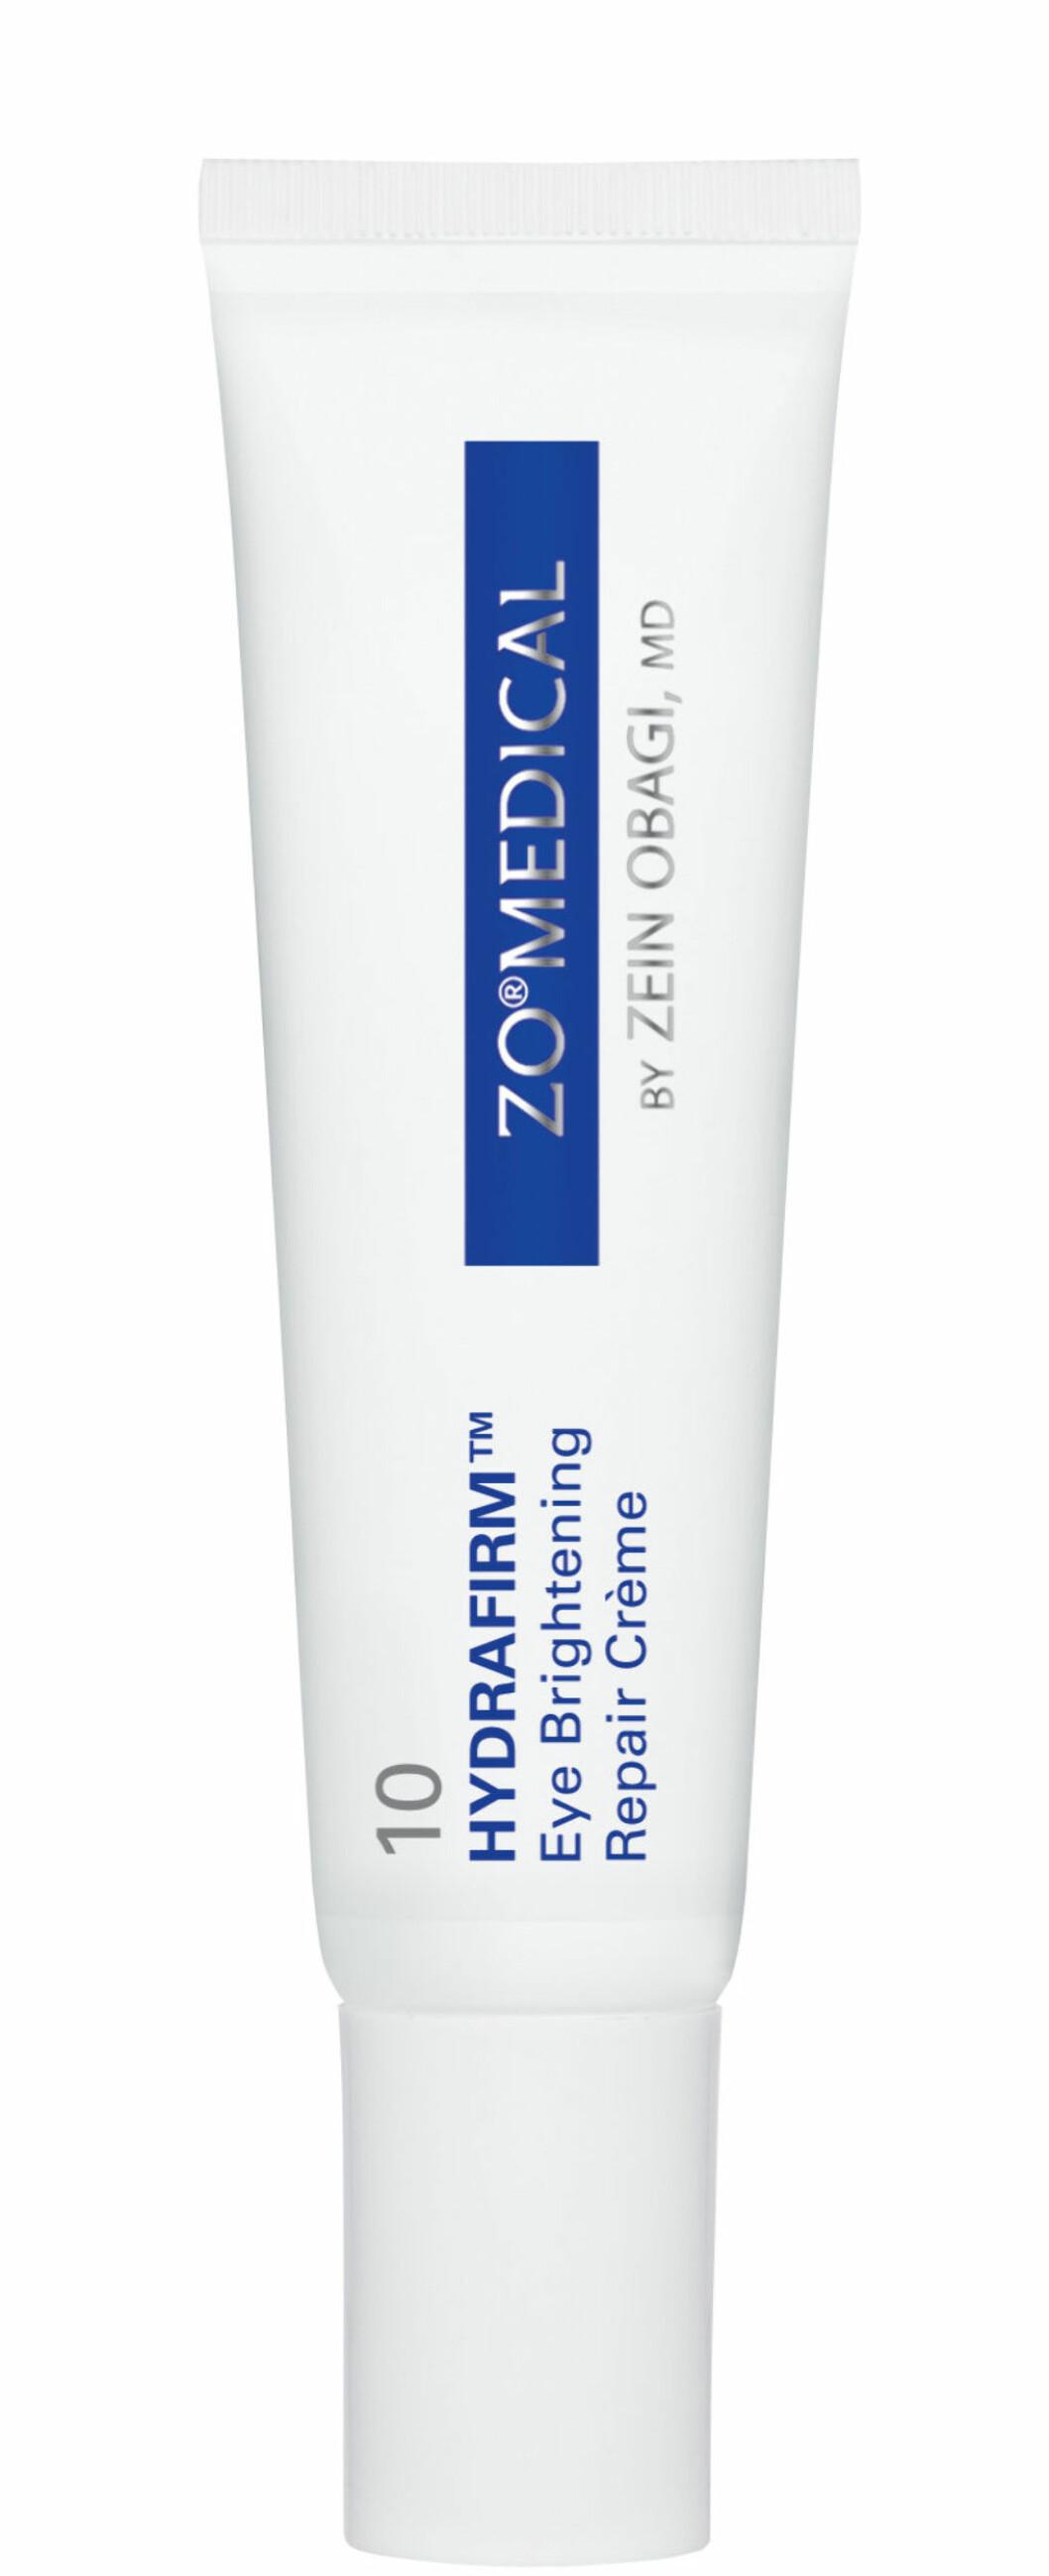 10 Hydrofirm Eye Brightning Repair Cremefra Zo Medical er utviklet for å korigere og forhindre tegn på aldring  rundt øynene. Aktive vitamin A og biometiske proteiner stimulerer den naturlige kollagenproduksjonen for å bidra til å gjenopprette hudens elastisitet. (15g, kr 1290)